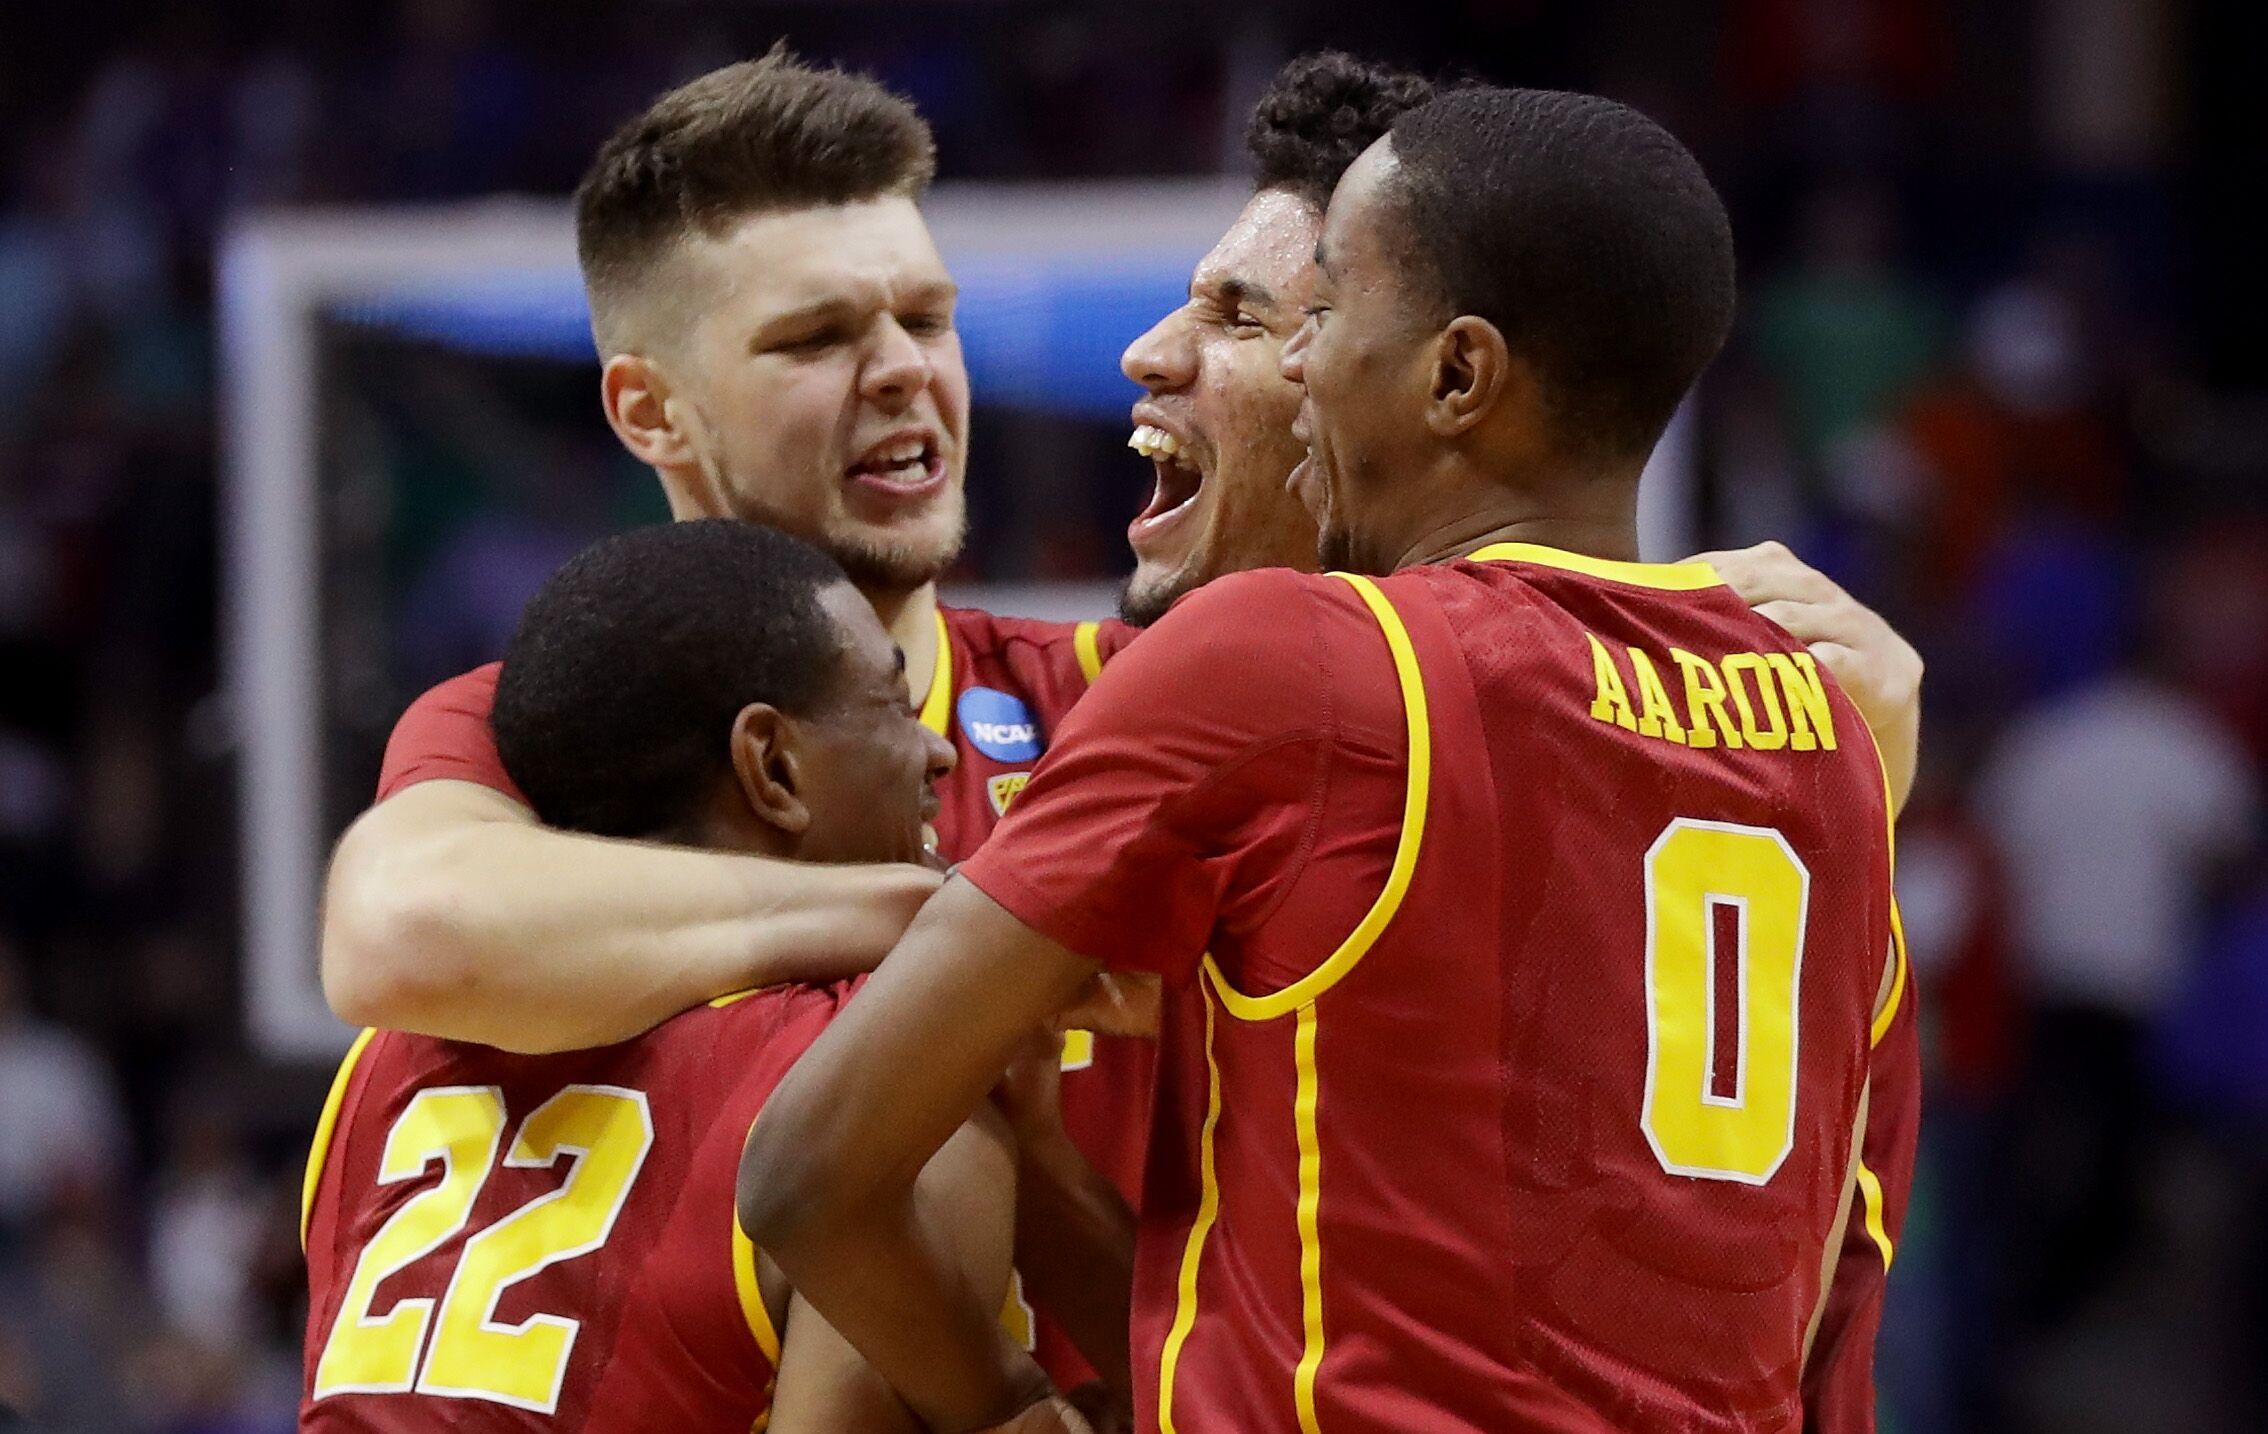 Kentucky Wildcats Basketball 2017 18 Season Preview: USC Basketball: 2017-18 Season Preview For The Trojans